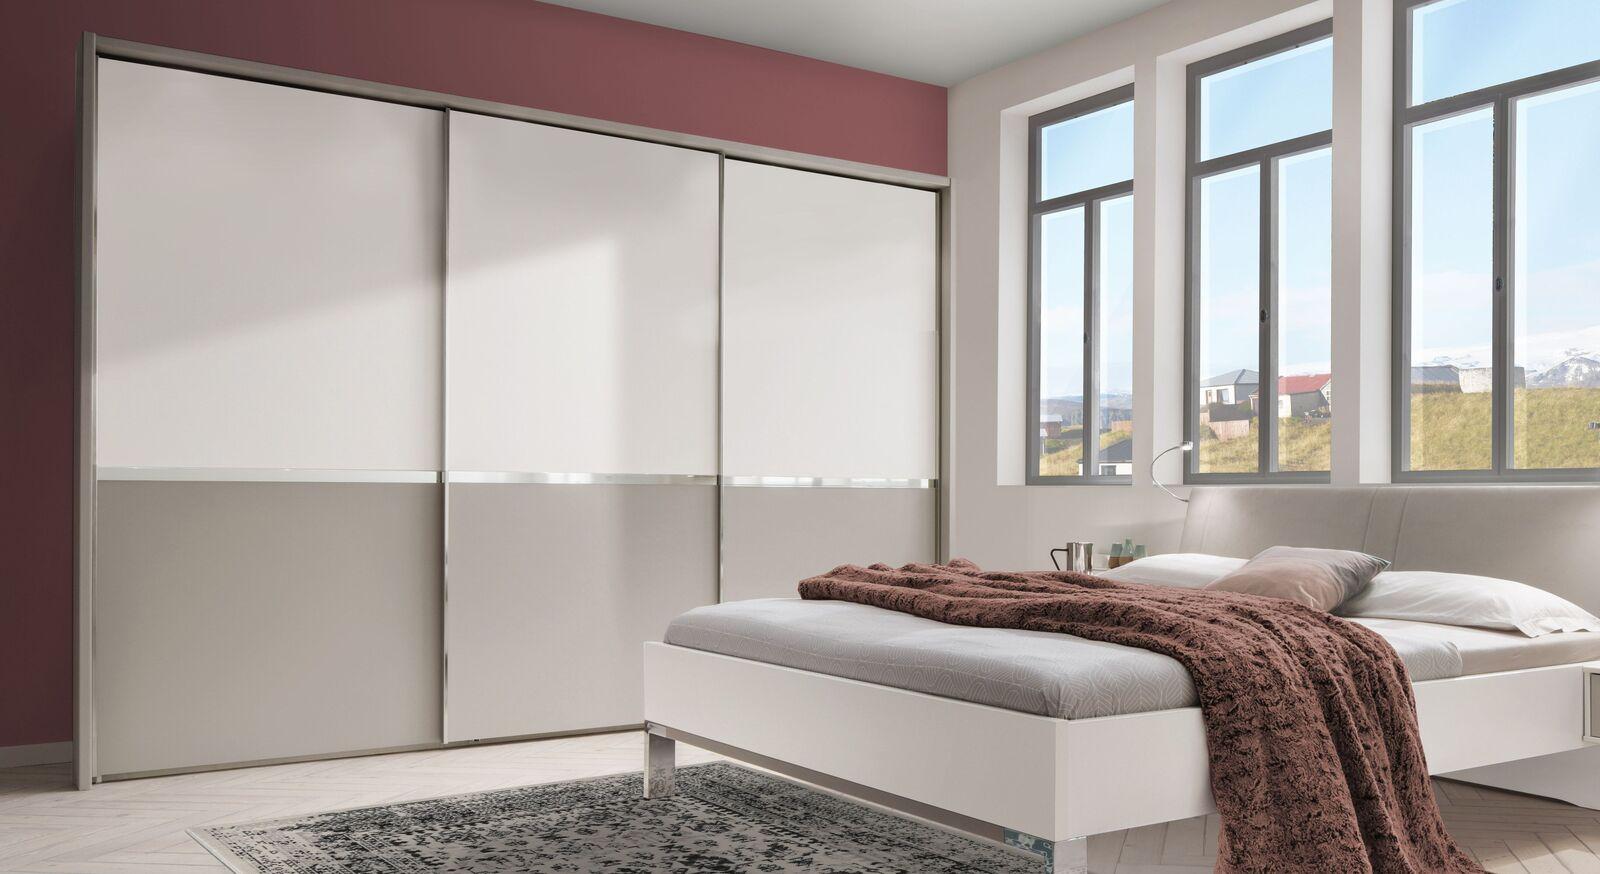 Schwebetüren-Kleiderschrank Tulsa optional mit Passepartout-Rahmen